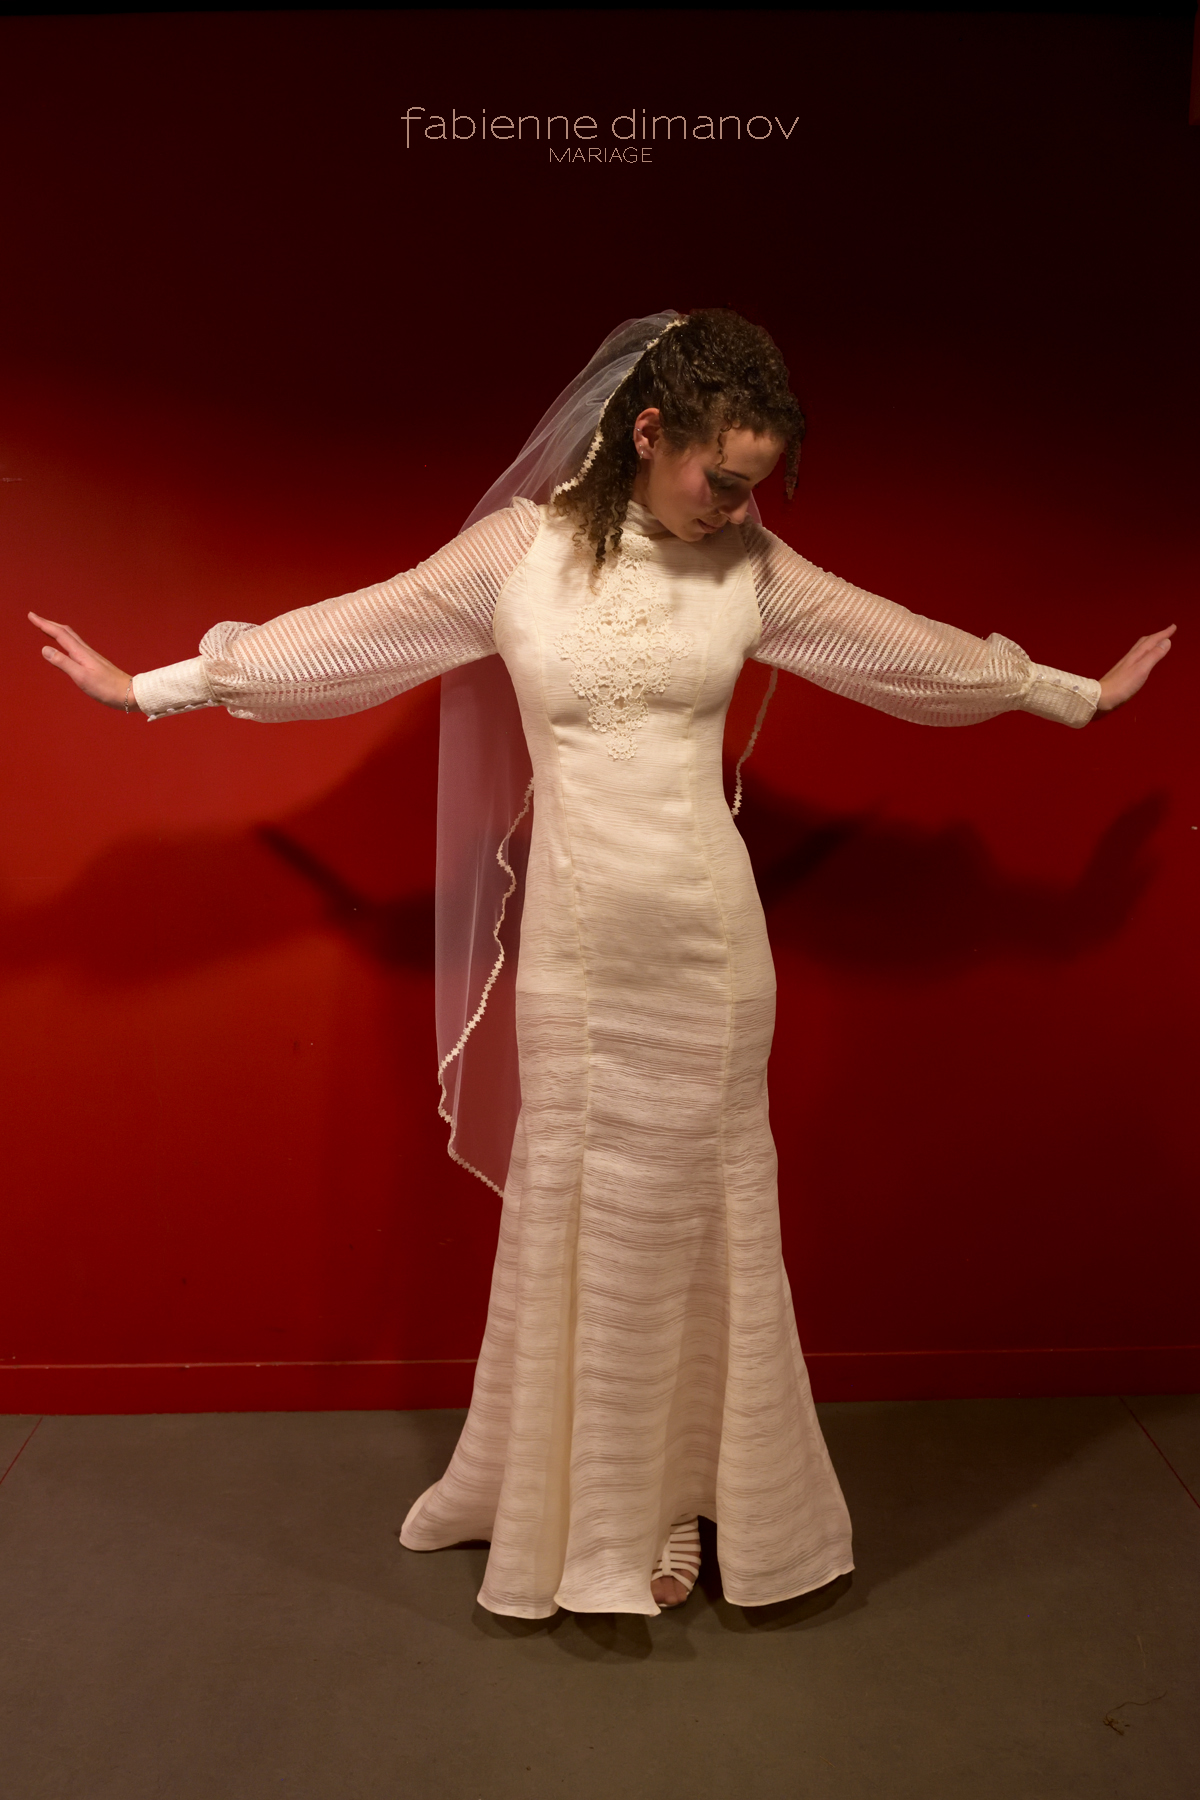 Churchy – L'Amour est éternel – Fabienne Dimanov Mariage